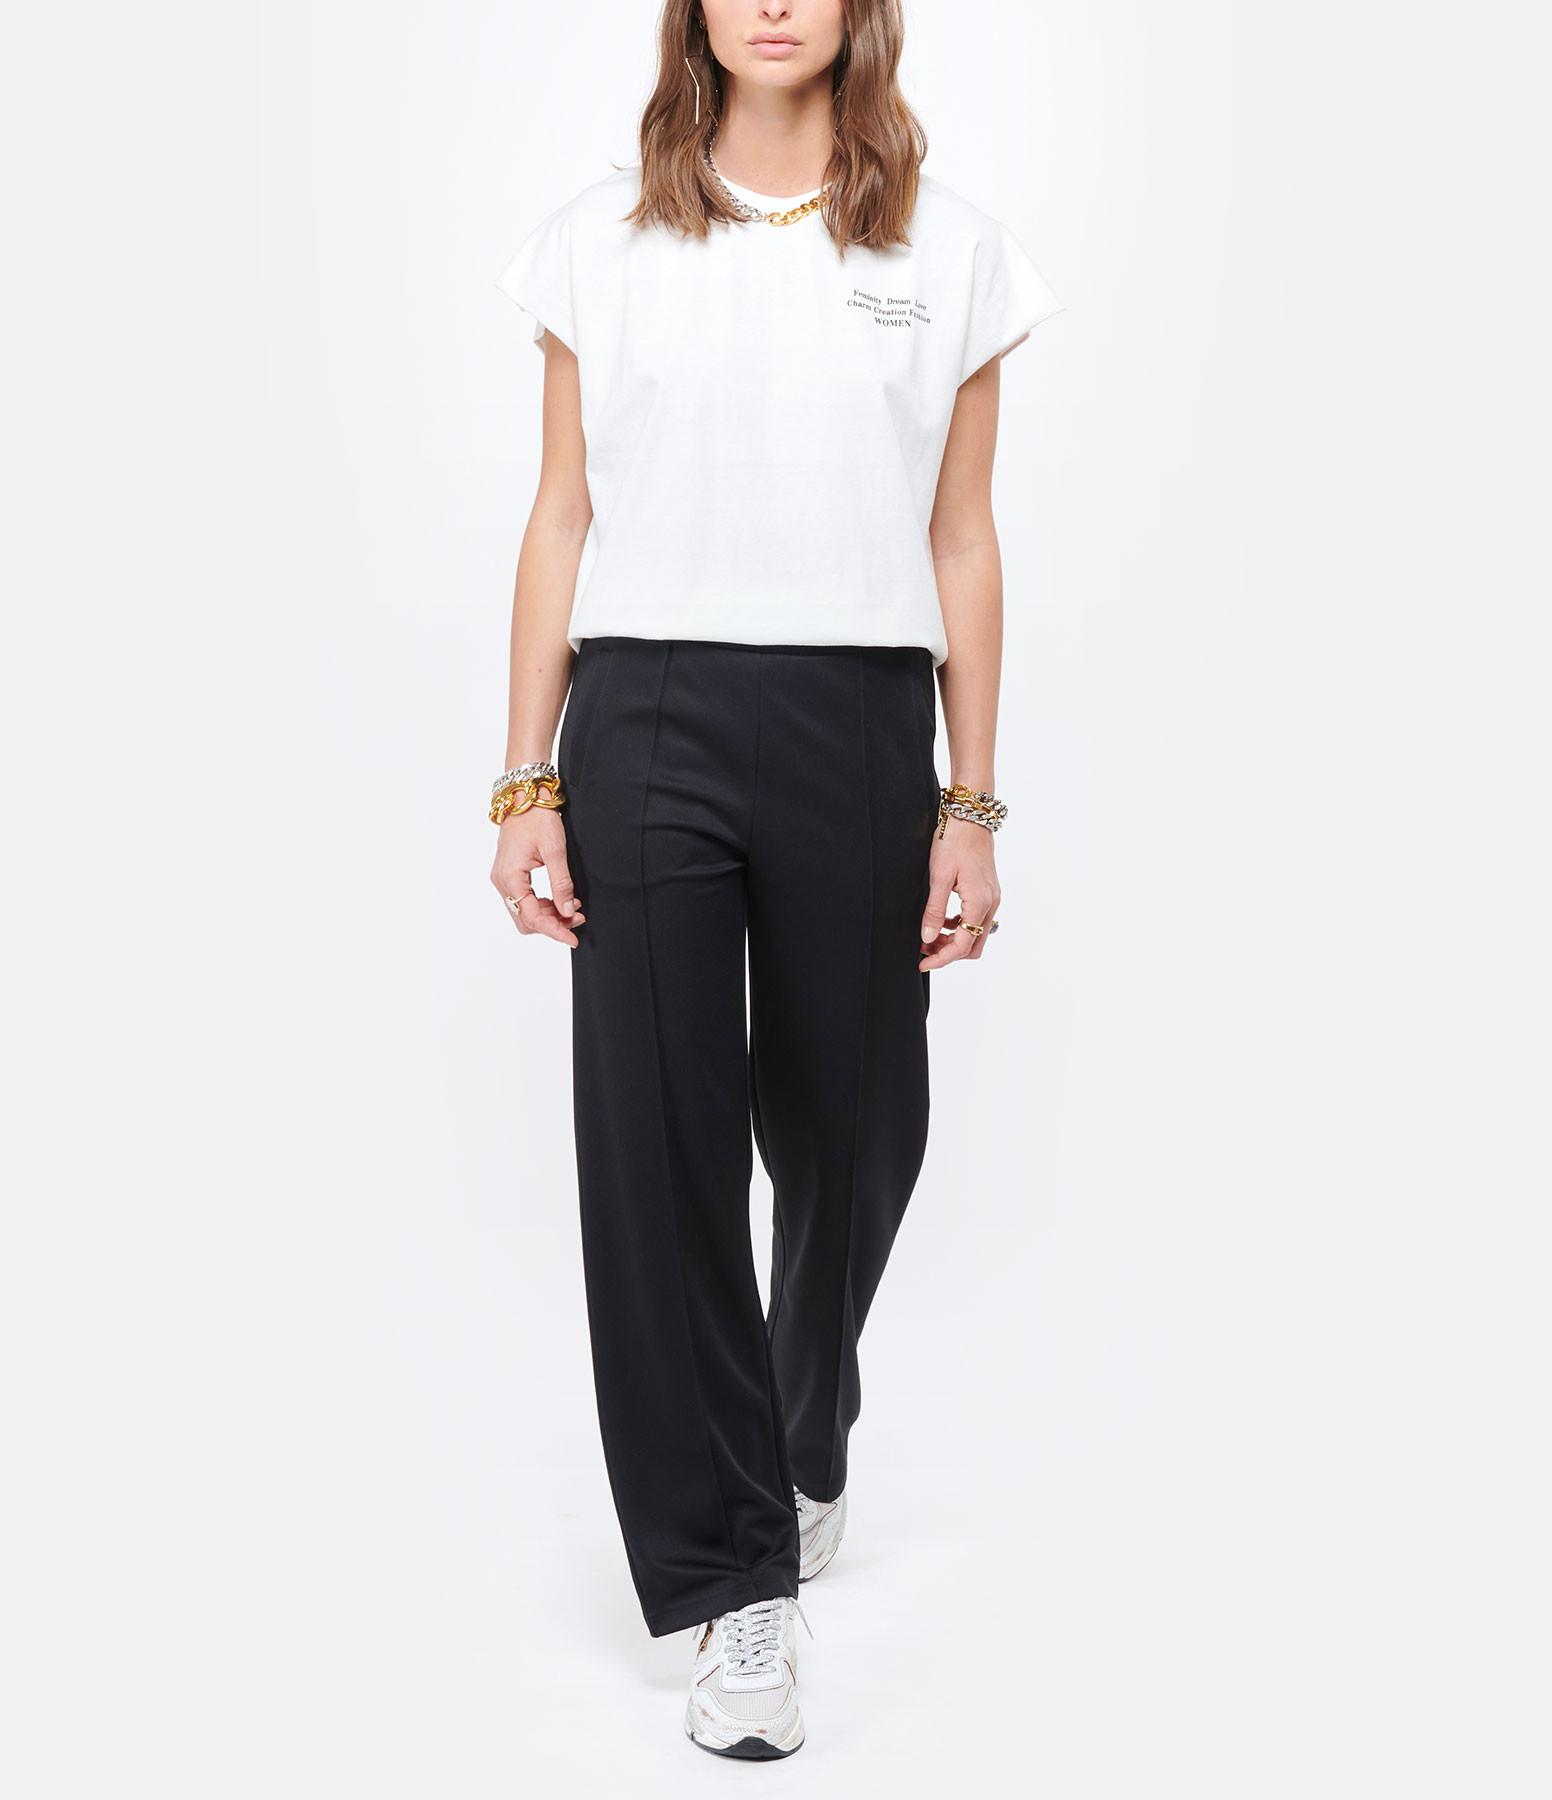 MAISON HAUSSMANN - Tee-shirt Oversize Jersey Ivoire